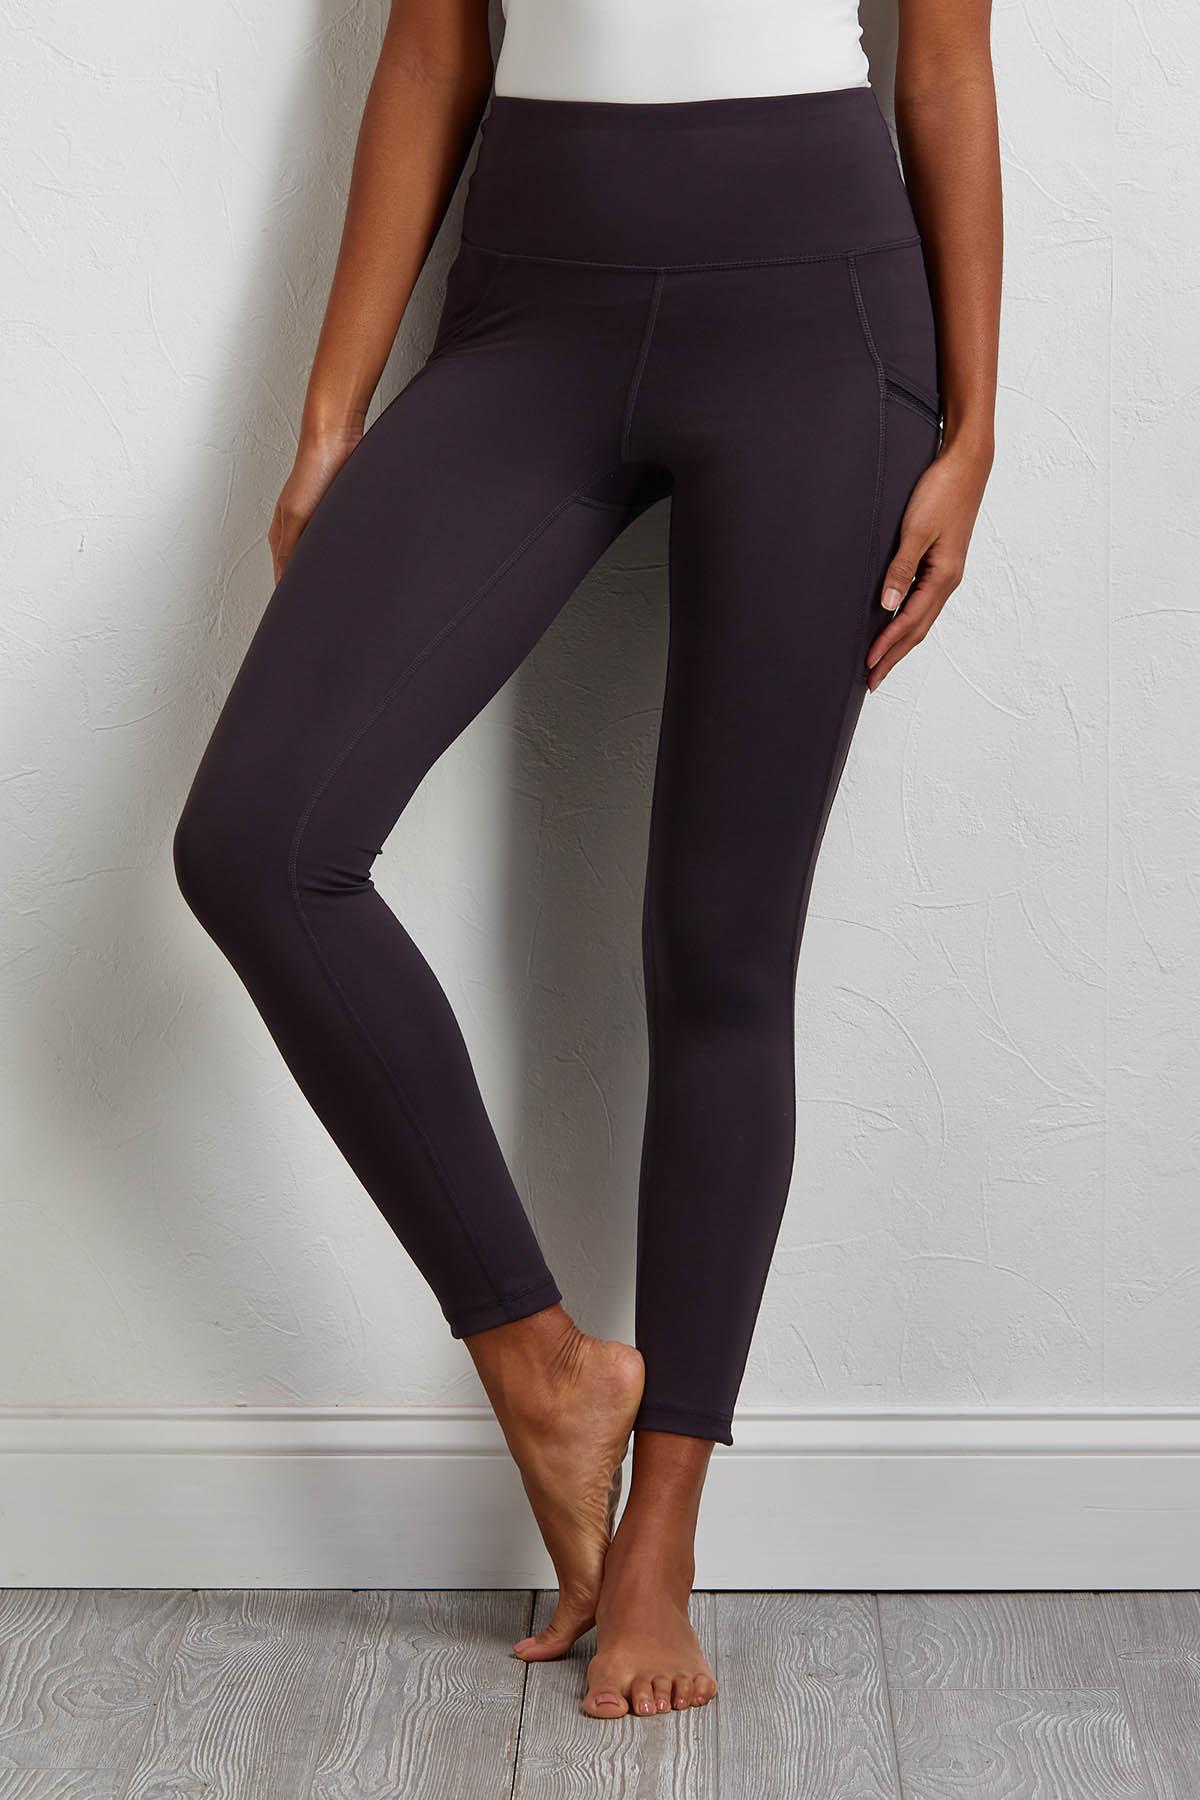 Charcoal Pocket Leggings